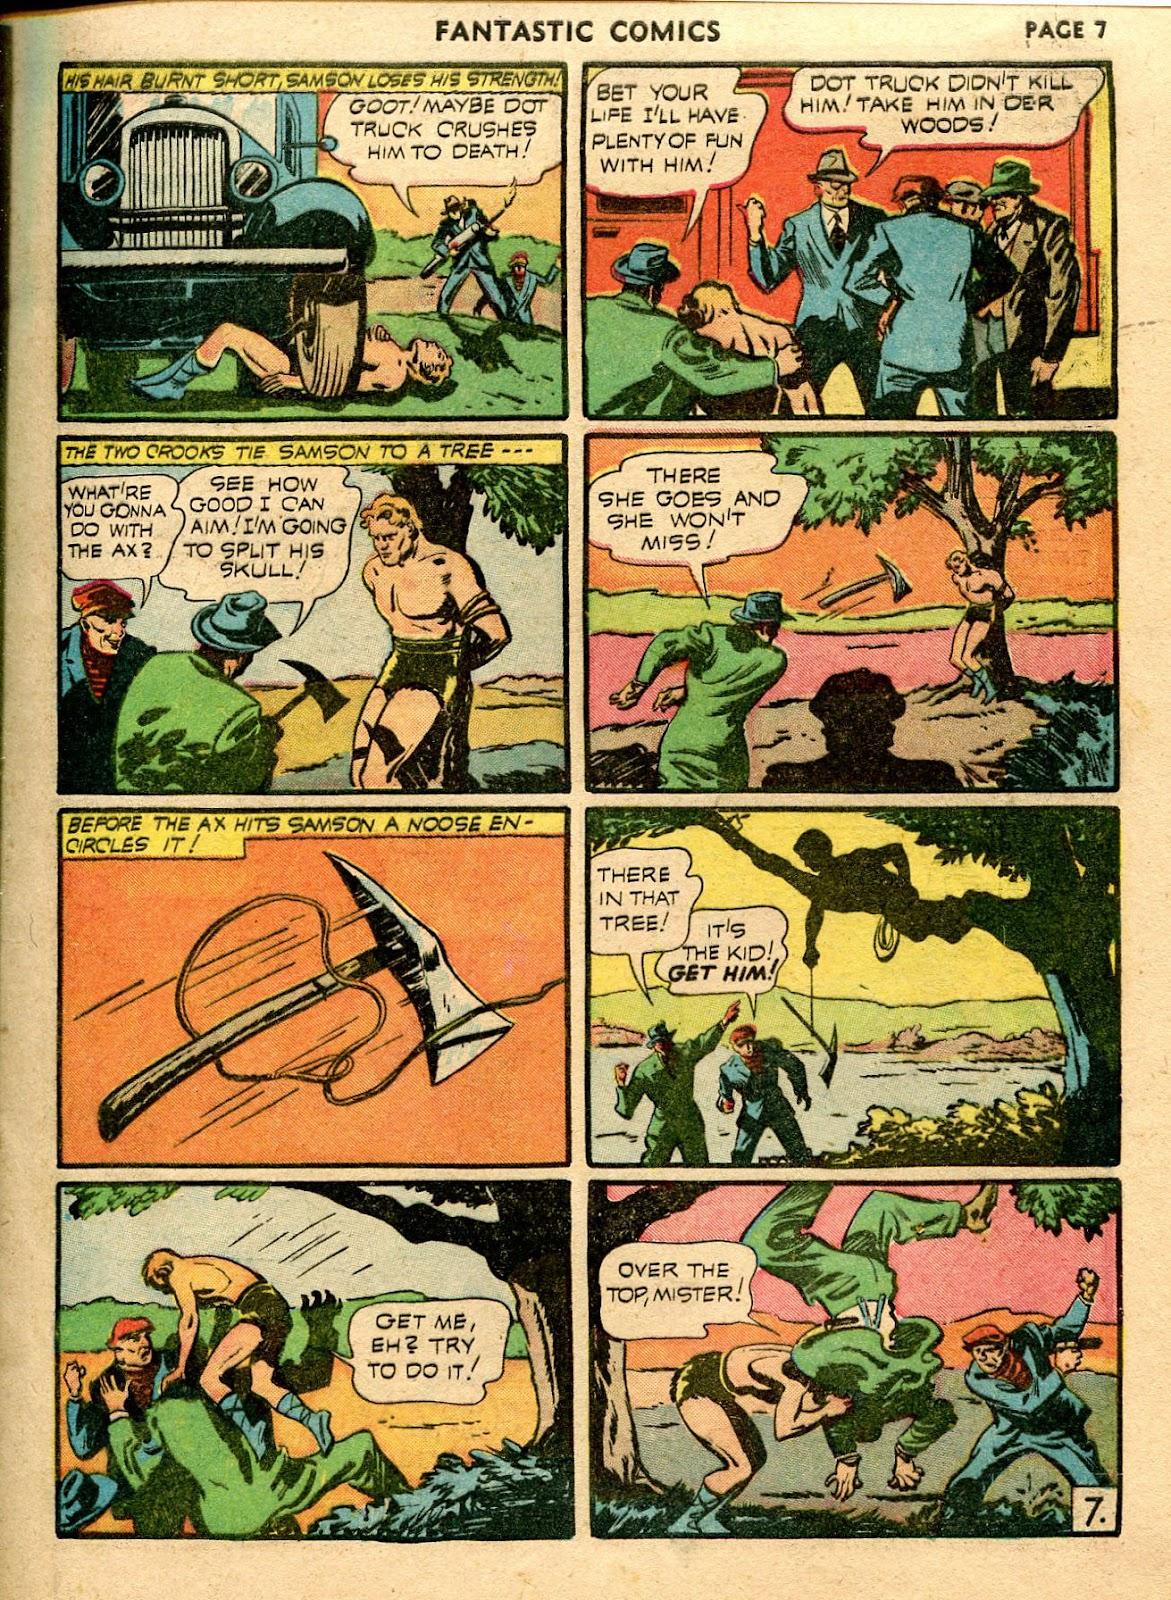 Read online Fantastic Comics comic -  Issue #21 - 9